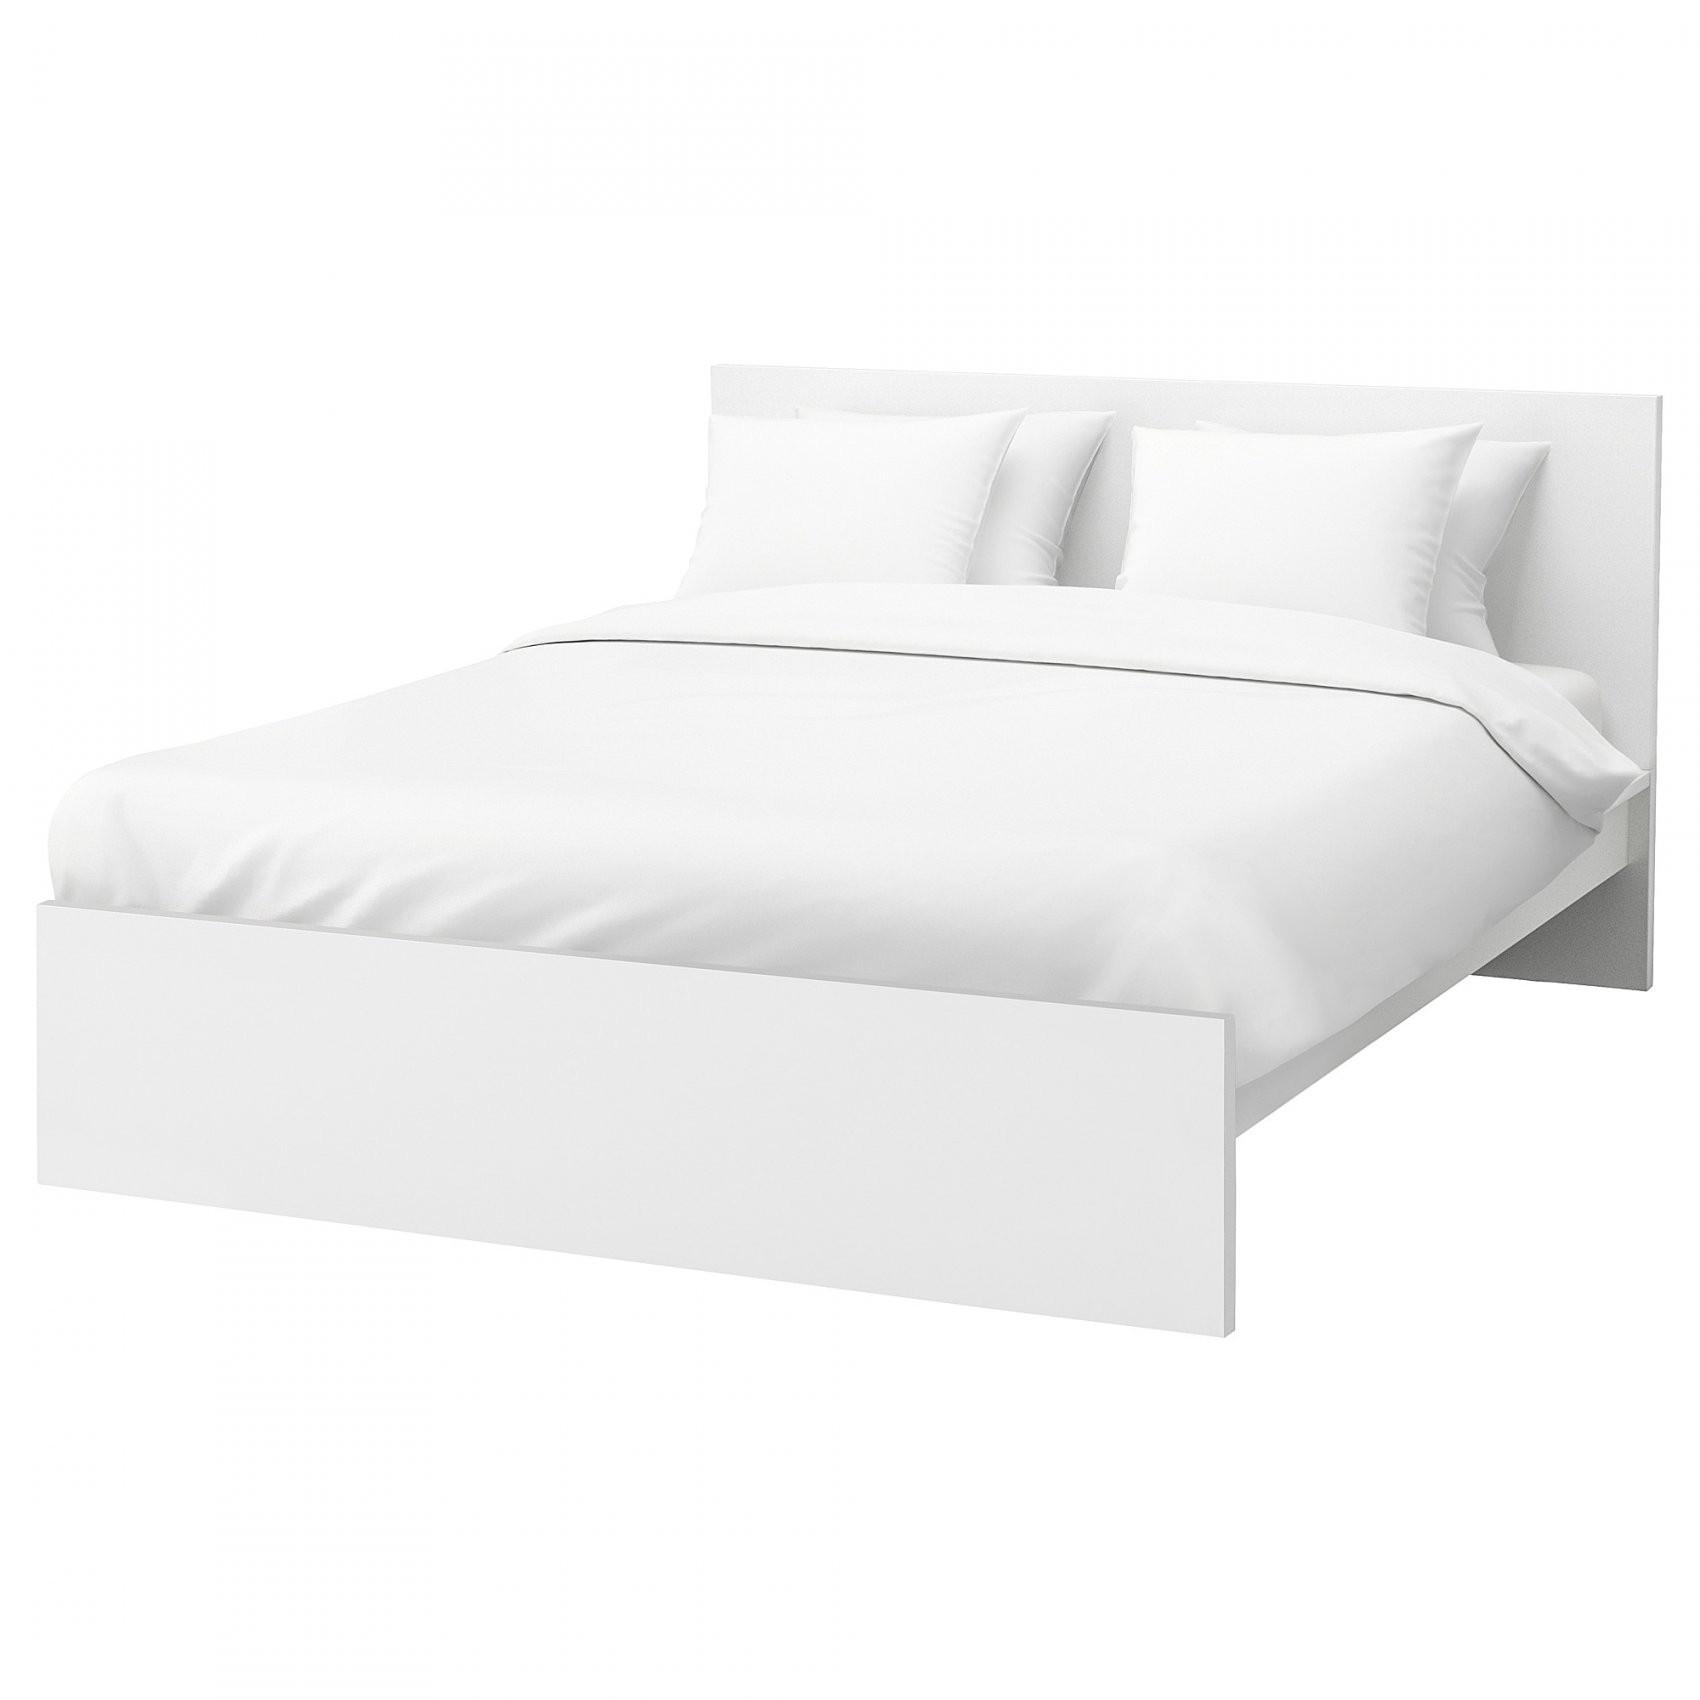 Malm Bettgestell Hoch  Weiß  Ikea von Malm Bett 140X200 Weiß Photo